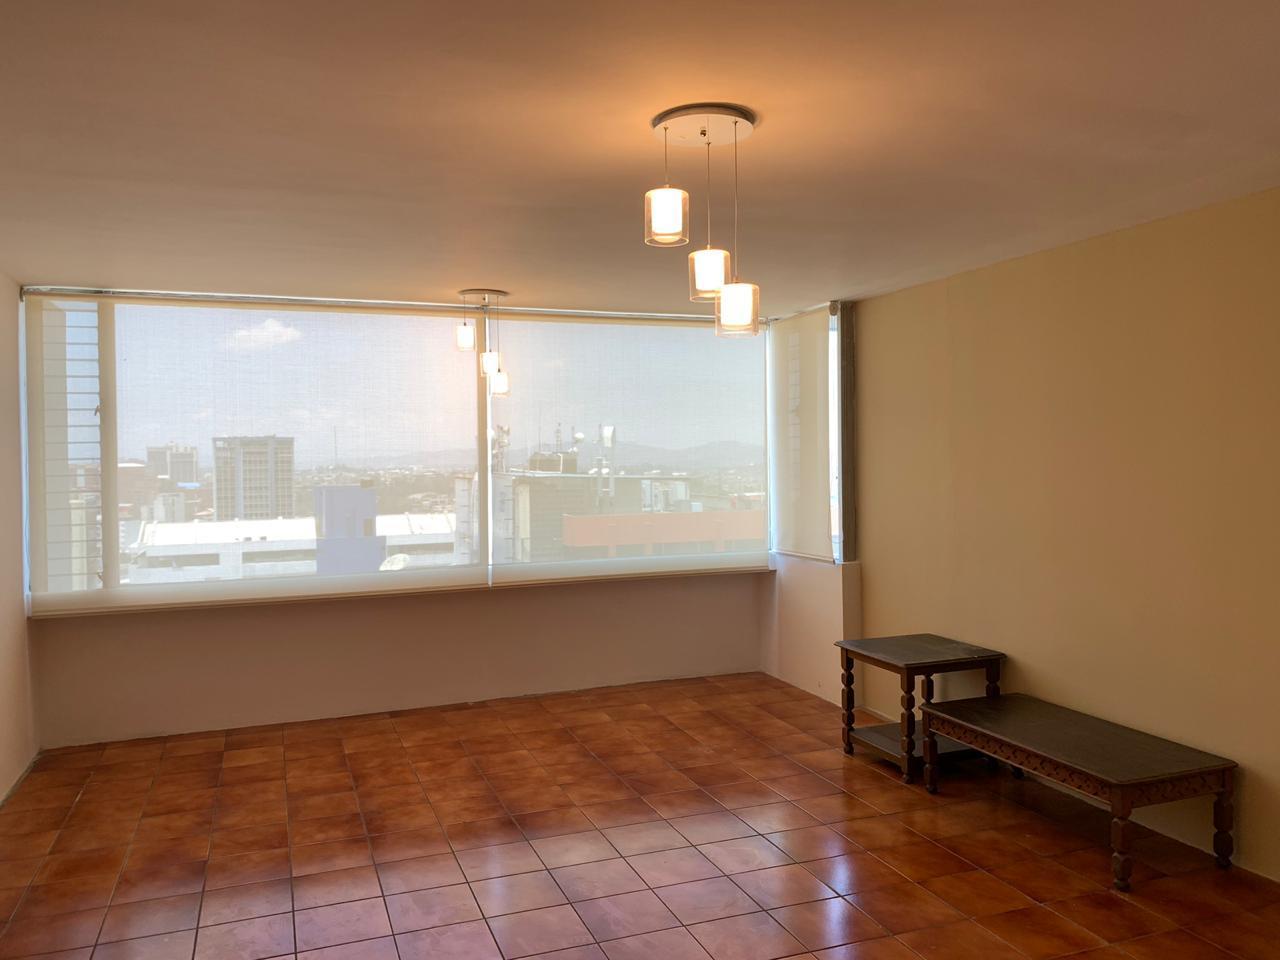 Apartamento Alquiler o Venta zona 9 edificio El Cortijo